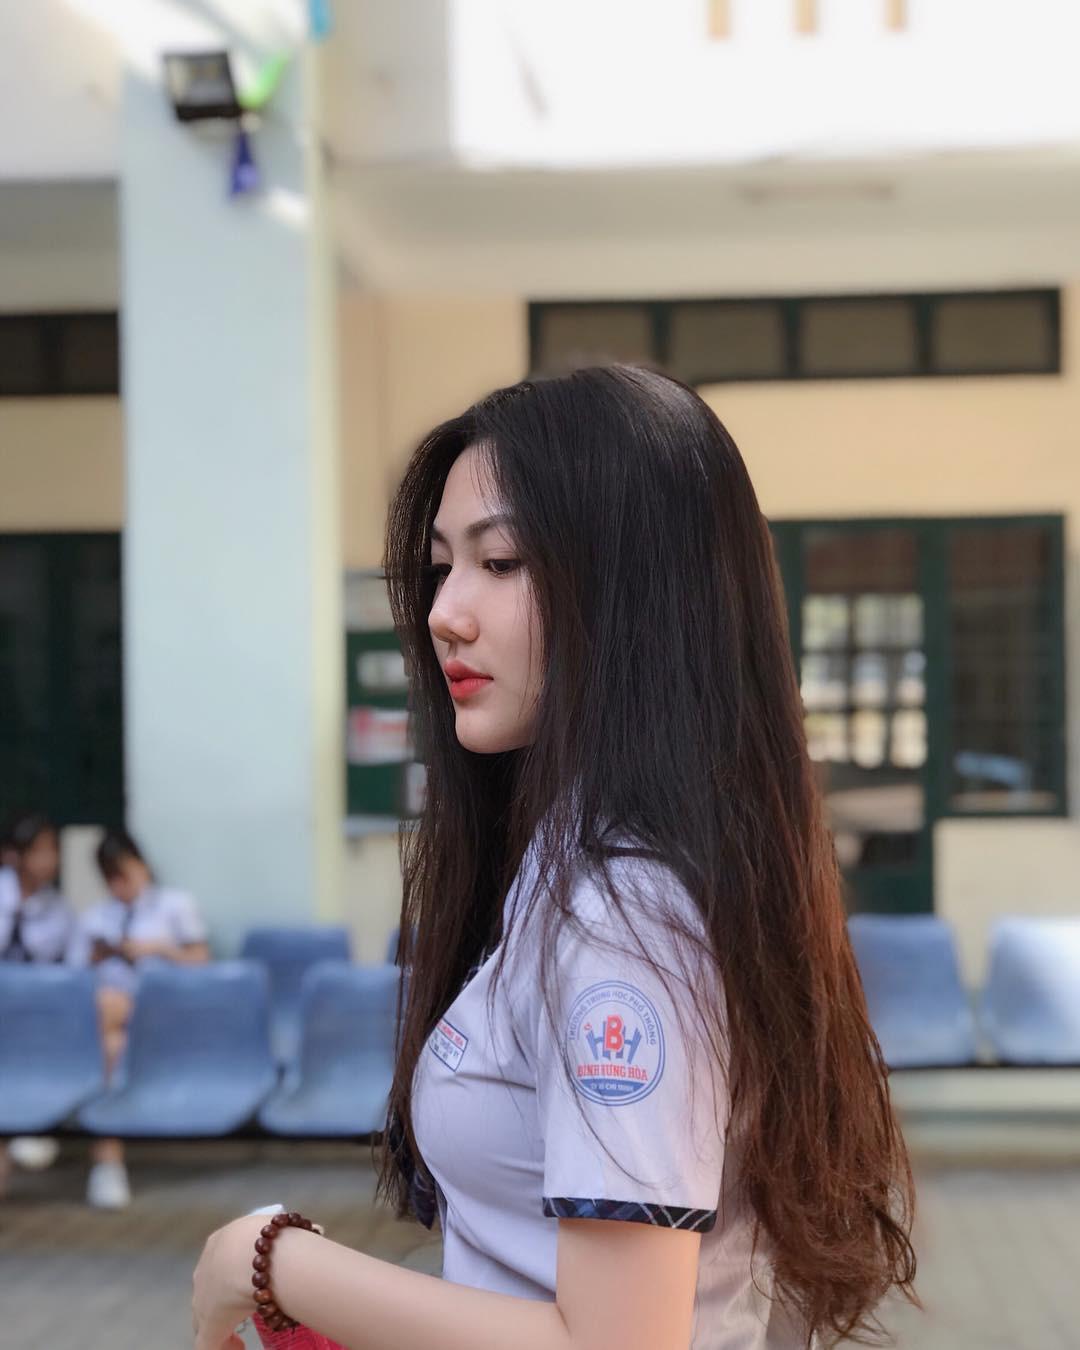 Hội gái xinh mới 17 tuổi đã nổi tiếng rần rần: Toàn cực phẩm học đường, có người được báo Trung ca ngợi với loạt mỹ từ - Ảnh 5.